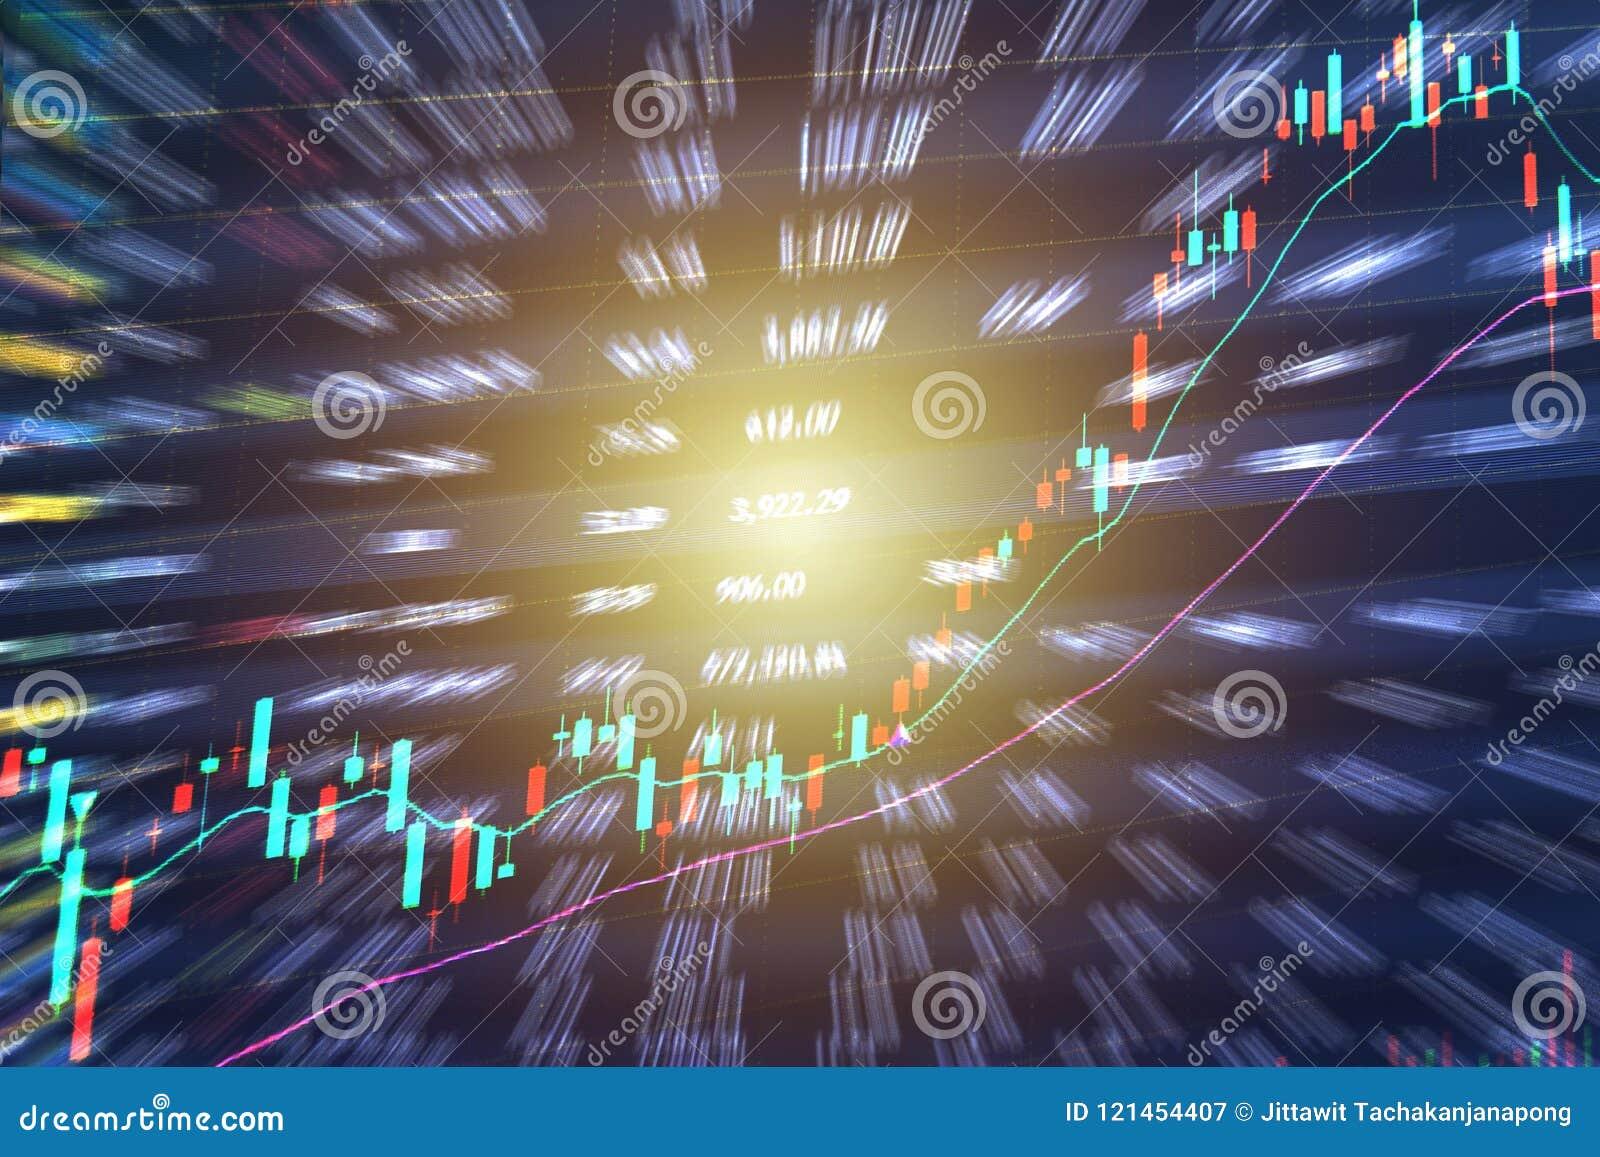 Διάγραμμα γραφικών παραστάσεων ραβδιών κεριών των εμπορικών συναλλαγών επένδυσης χρηματιστηρίου